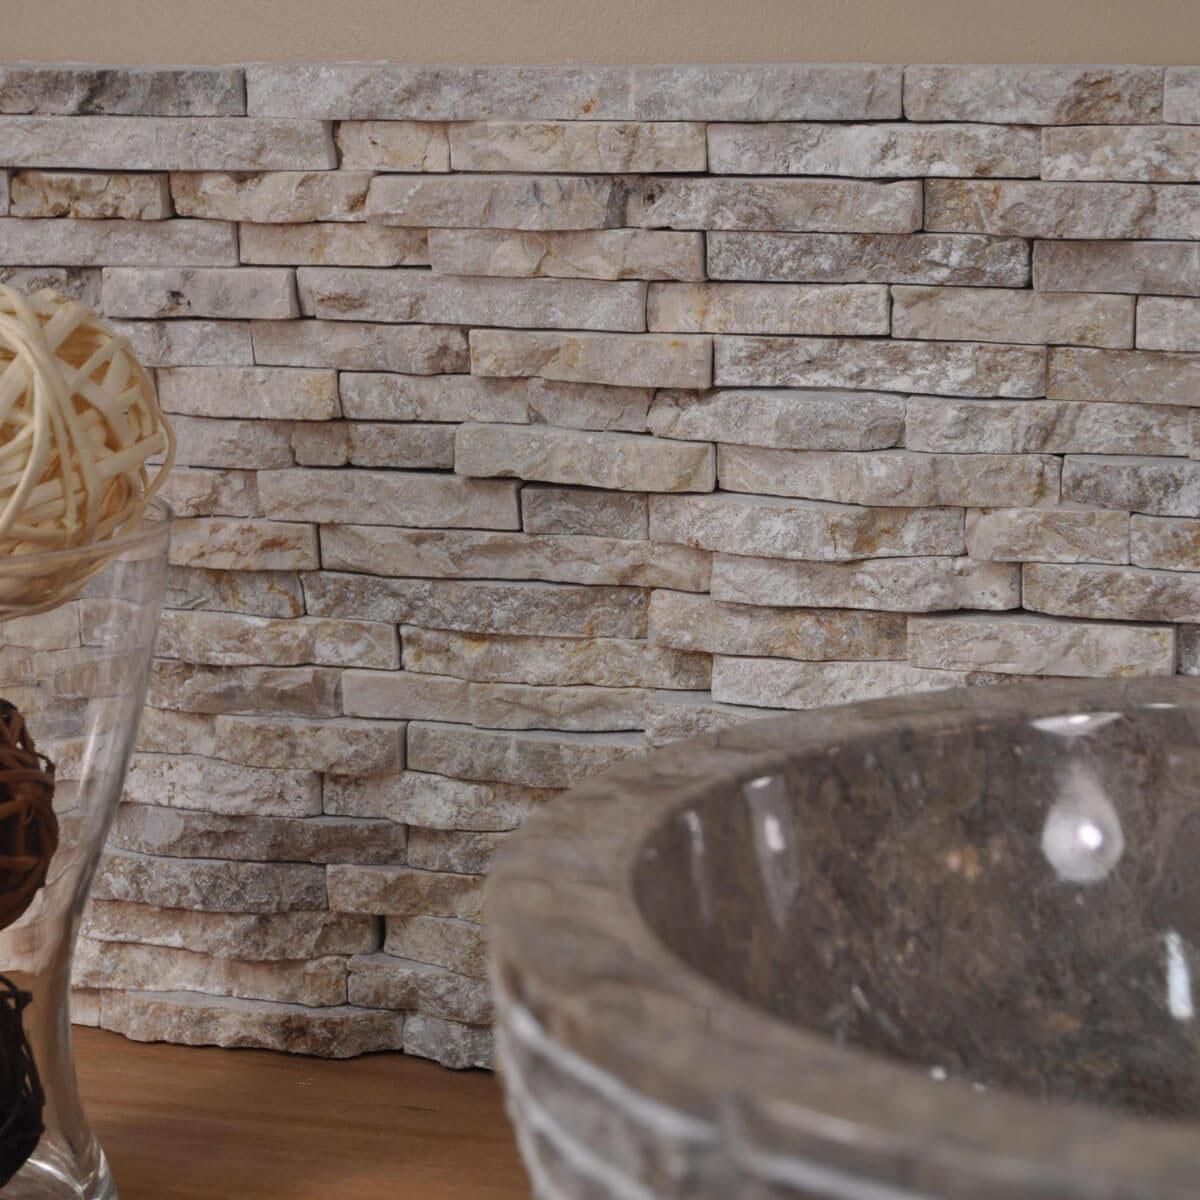 Parement en pierre naturel marbre brut cr me - Parement en pierre naturelle ...